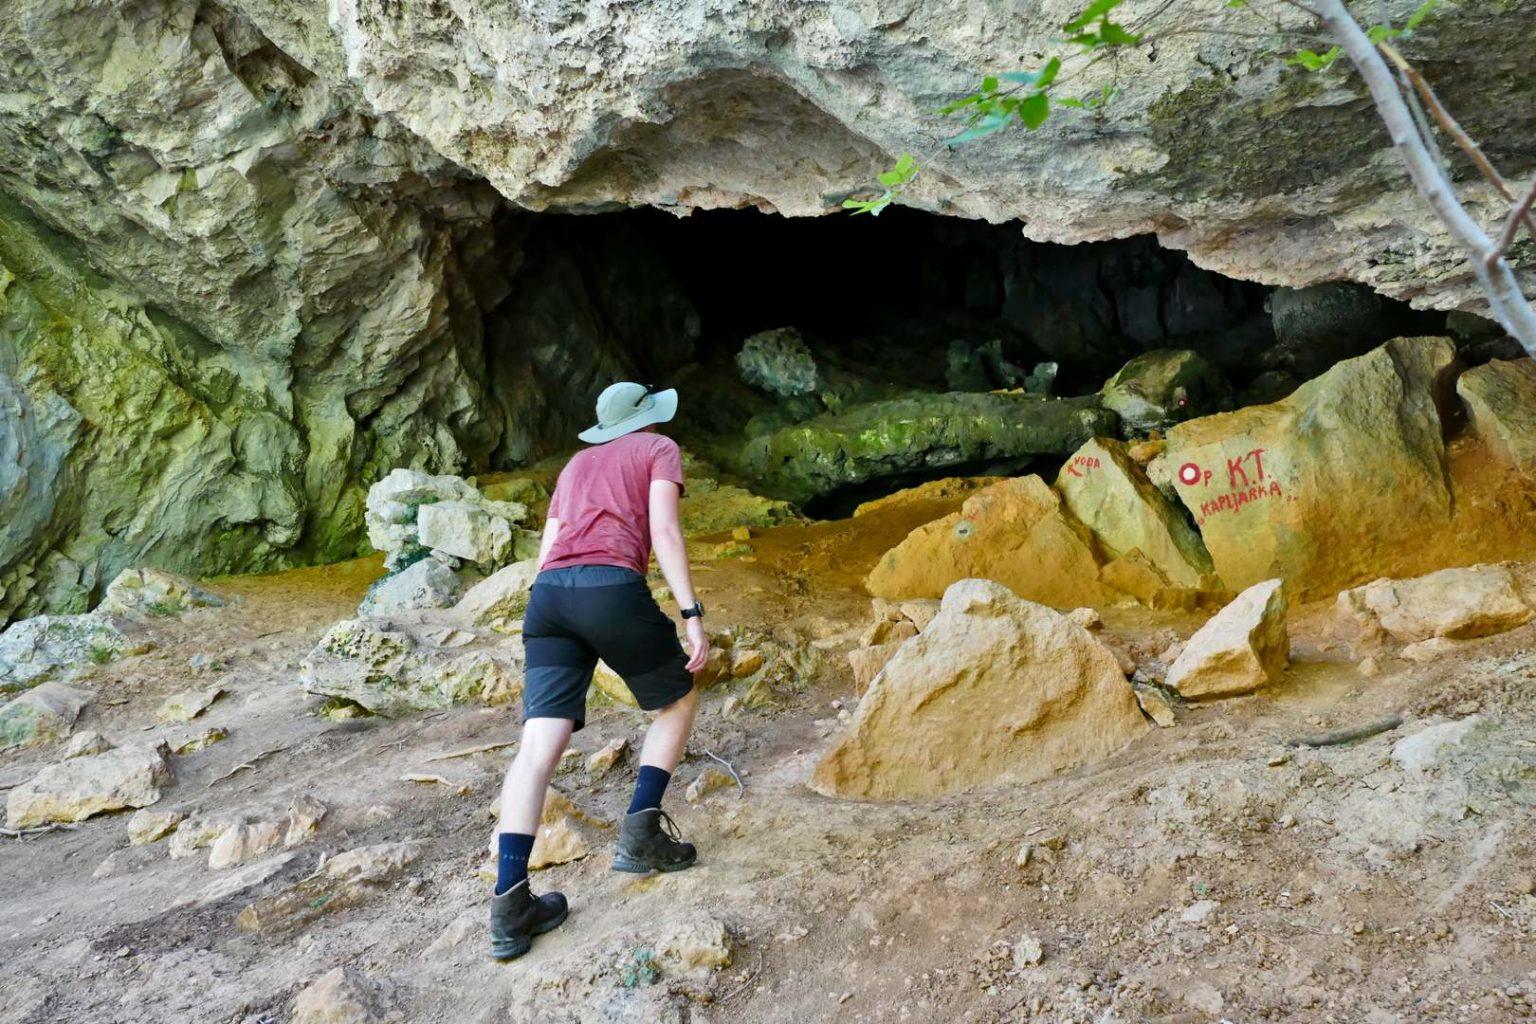 Höhle mit Trinkwasser-Quelle in der Schlucht Mala Paklenica